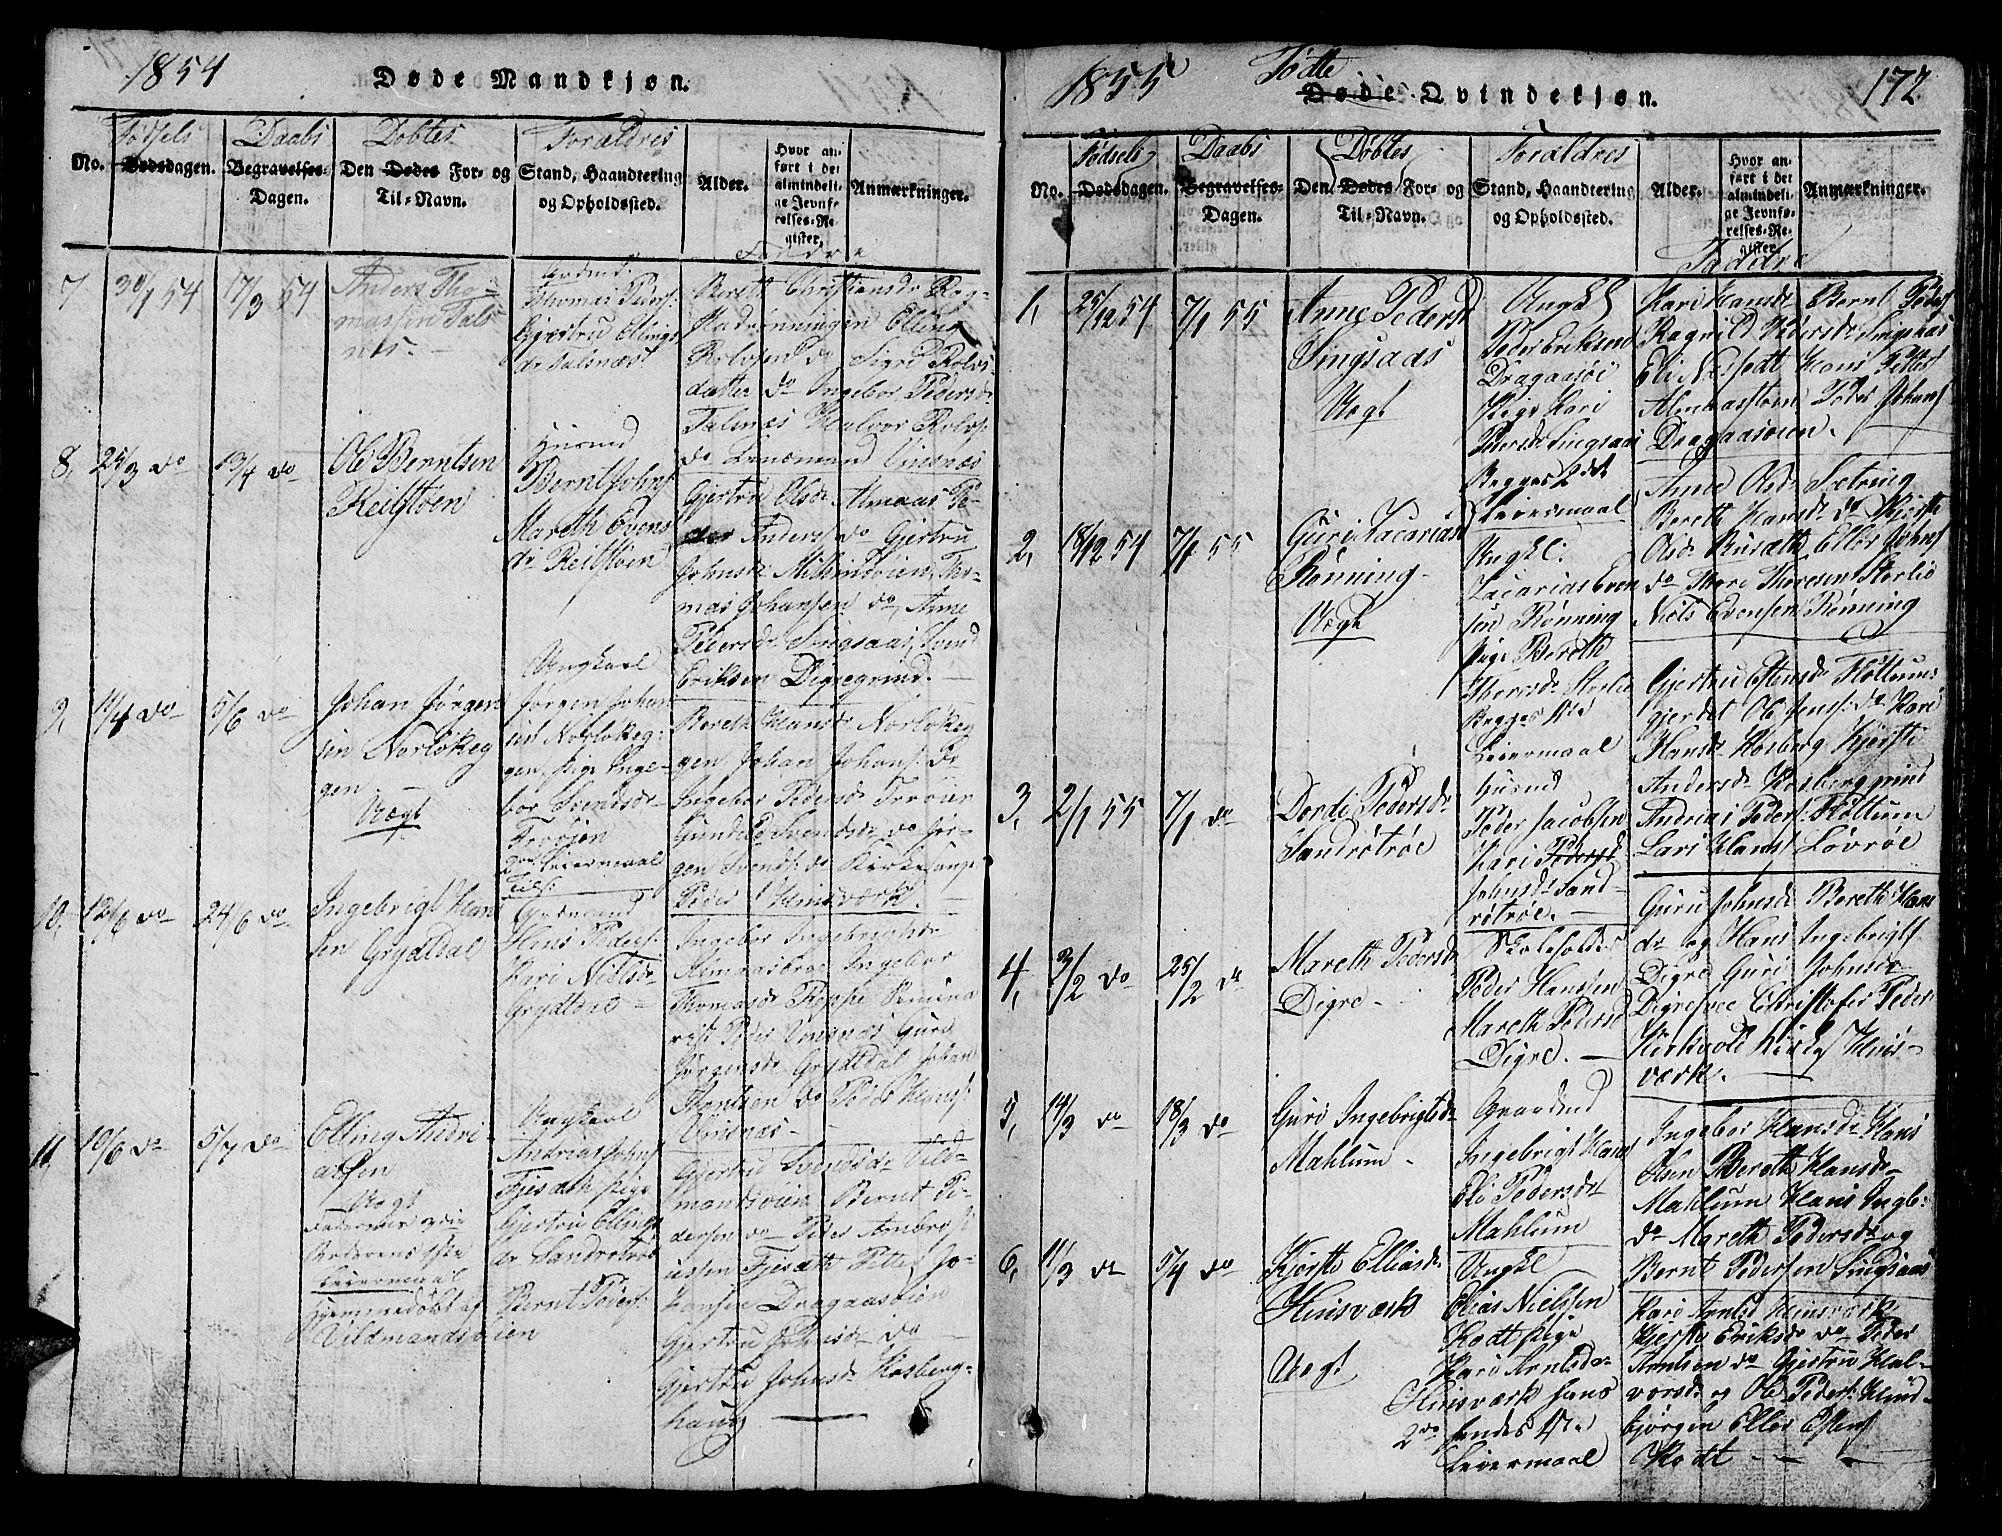 SAT, Ministerialprotokoller, klokkerbøker og fødselsregistre - Sør-Trøndelag, 688/L1026: Klokkerbok nr. 688C01, 1817-1860, s. 172